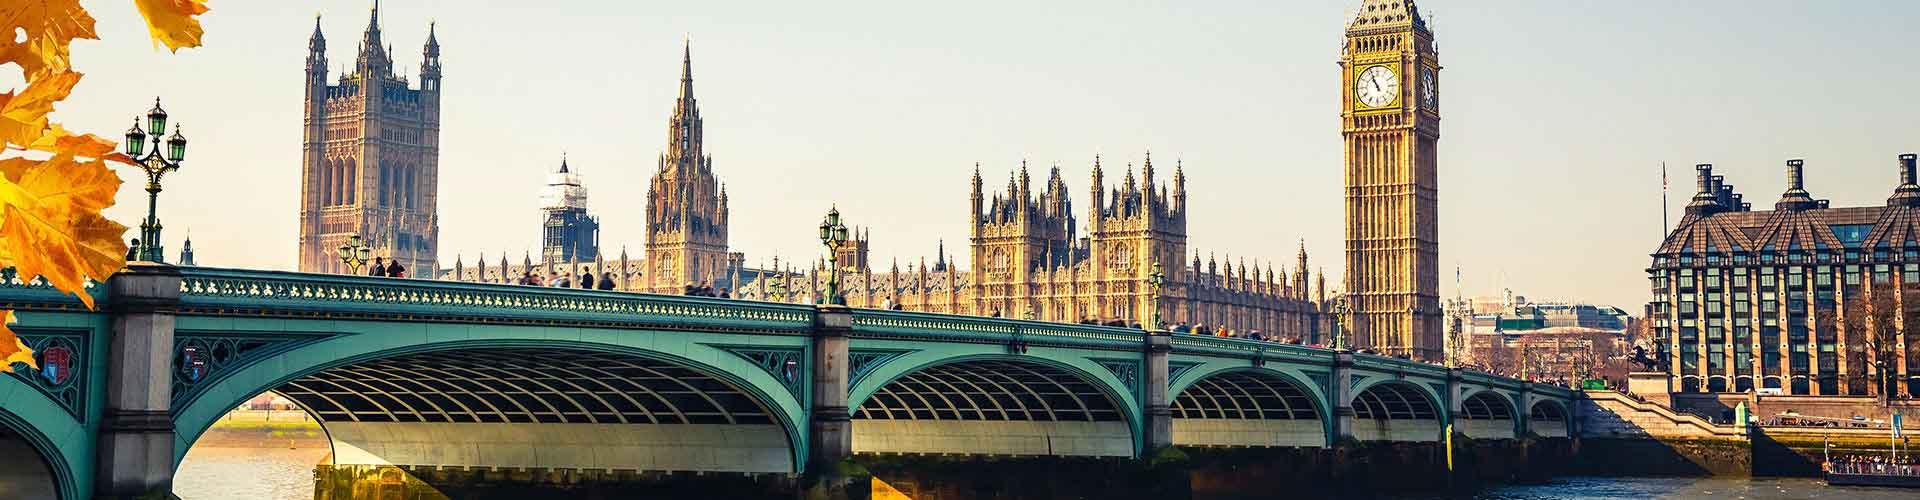 런던 - 런던에 있는 호스텔. 런던의 지도, 런던에 위치한 호스텔 사진 및 후기 정보.